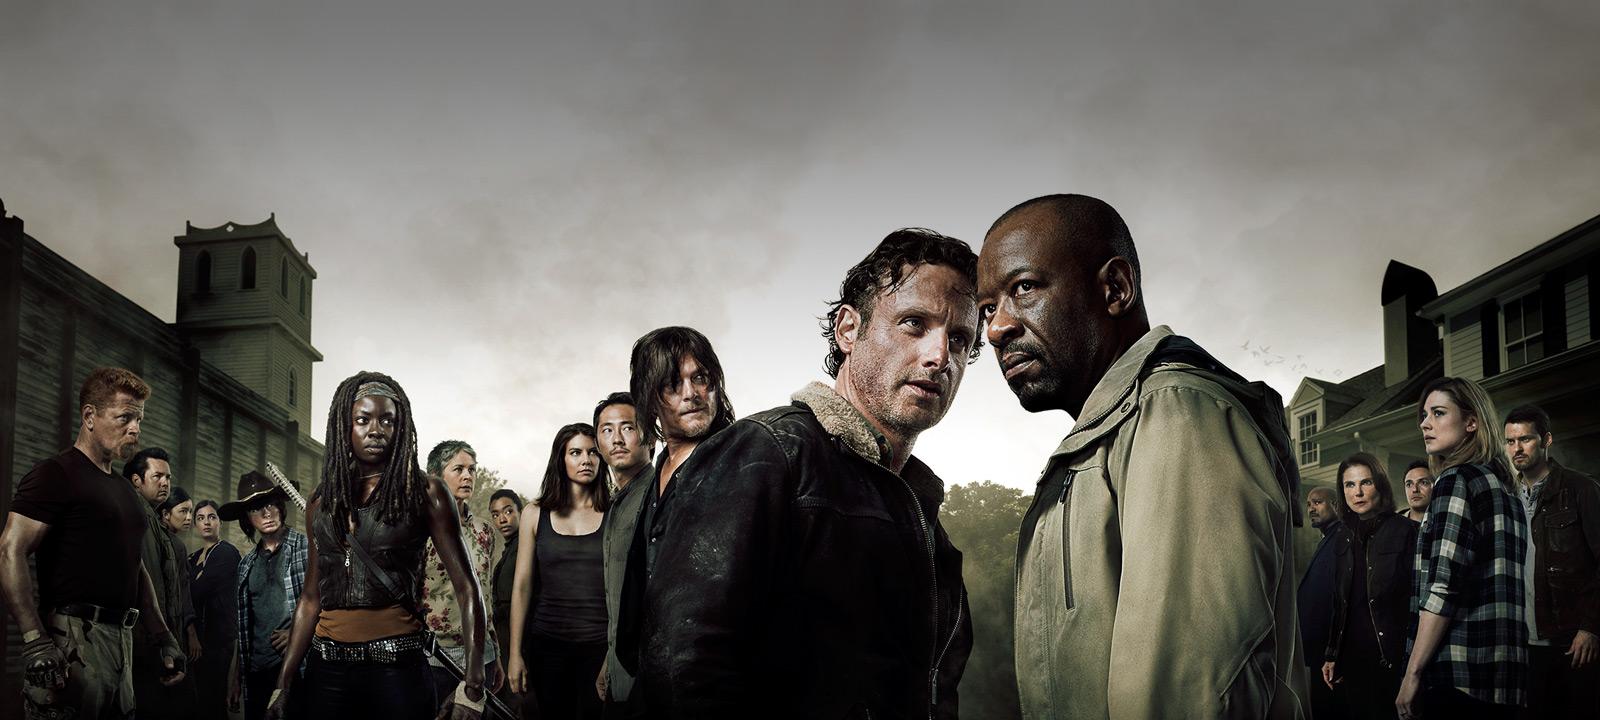 Pourquoi j'ai arrêté The Walking Dead